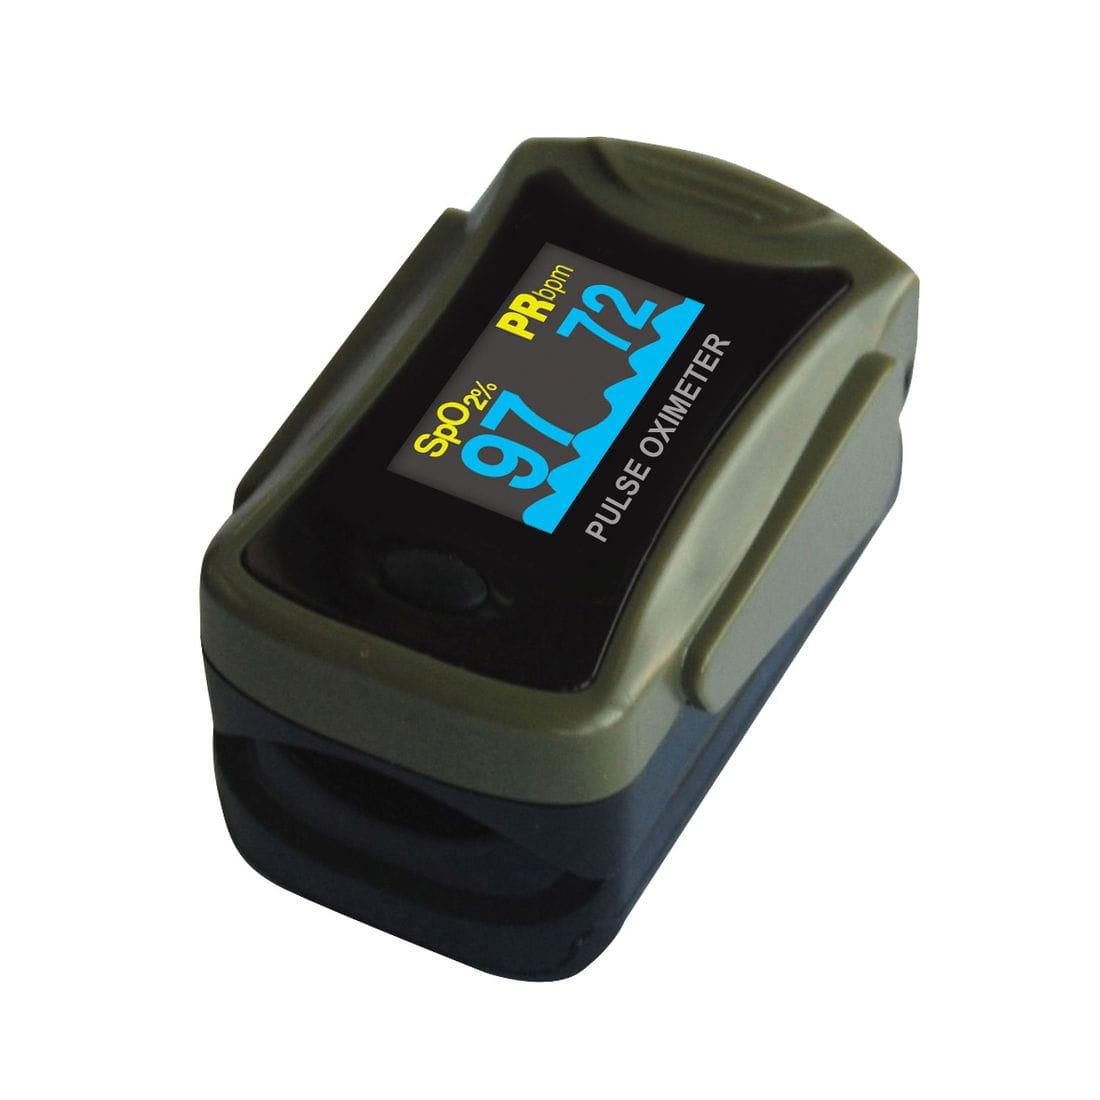 Pulsioximetre MD300